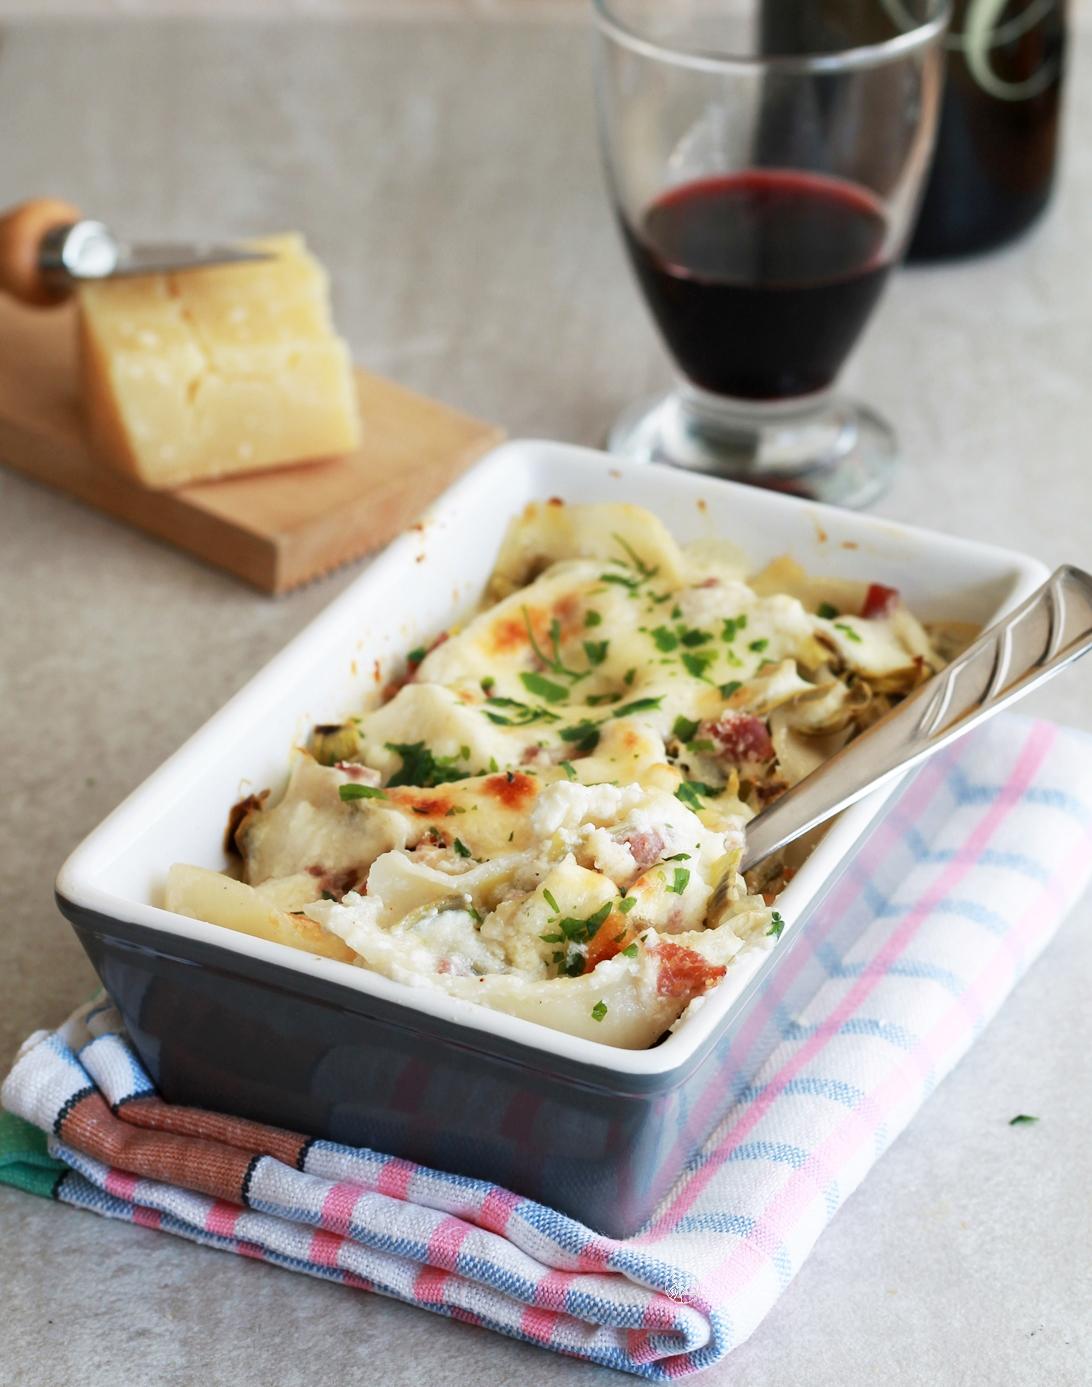 Conchiglioni senza glutine con carciofi e ricotta - La Cassata Celiaca